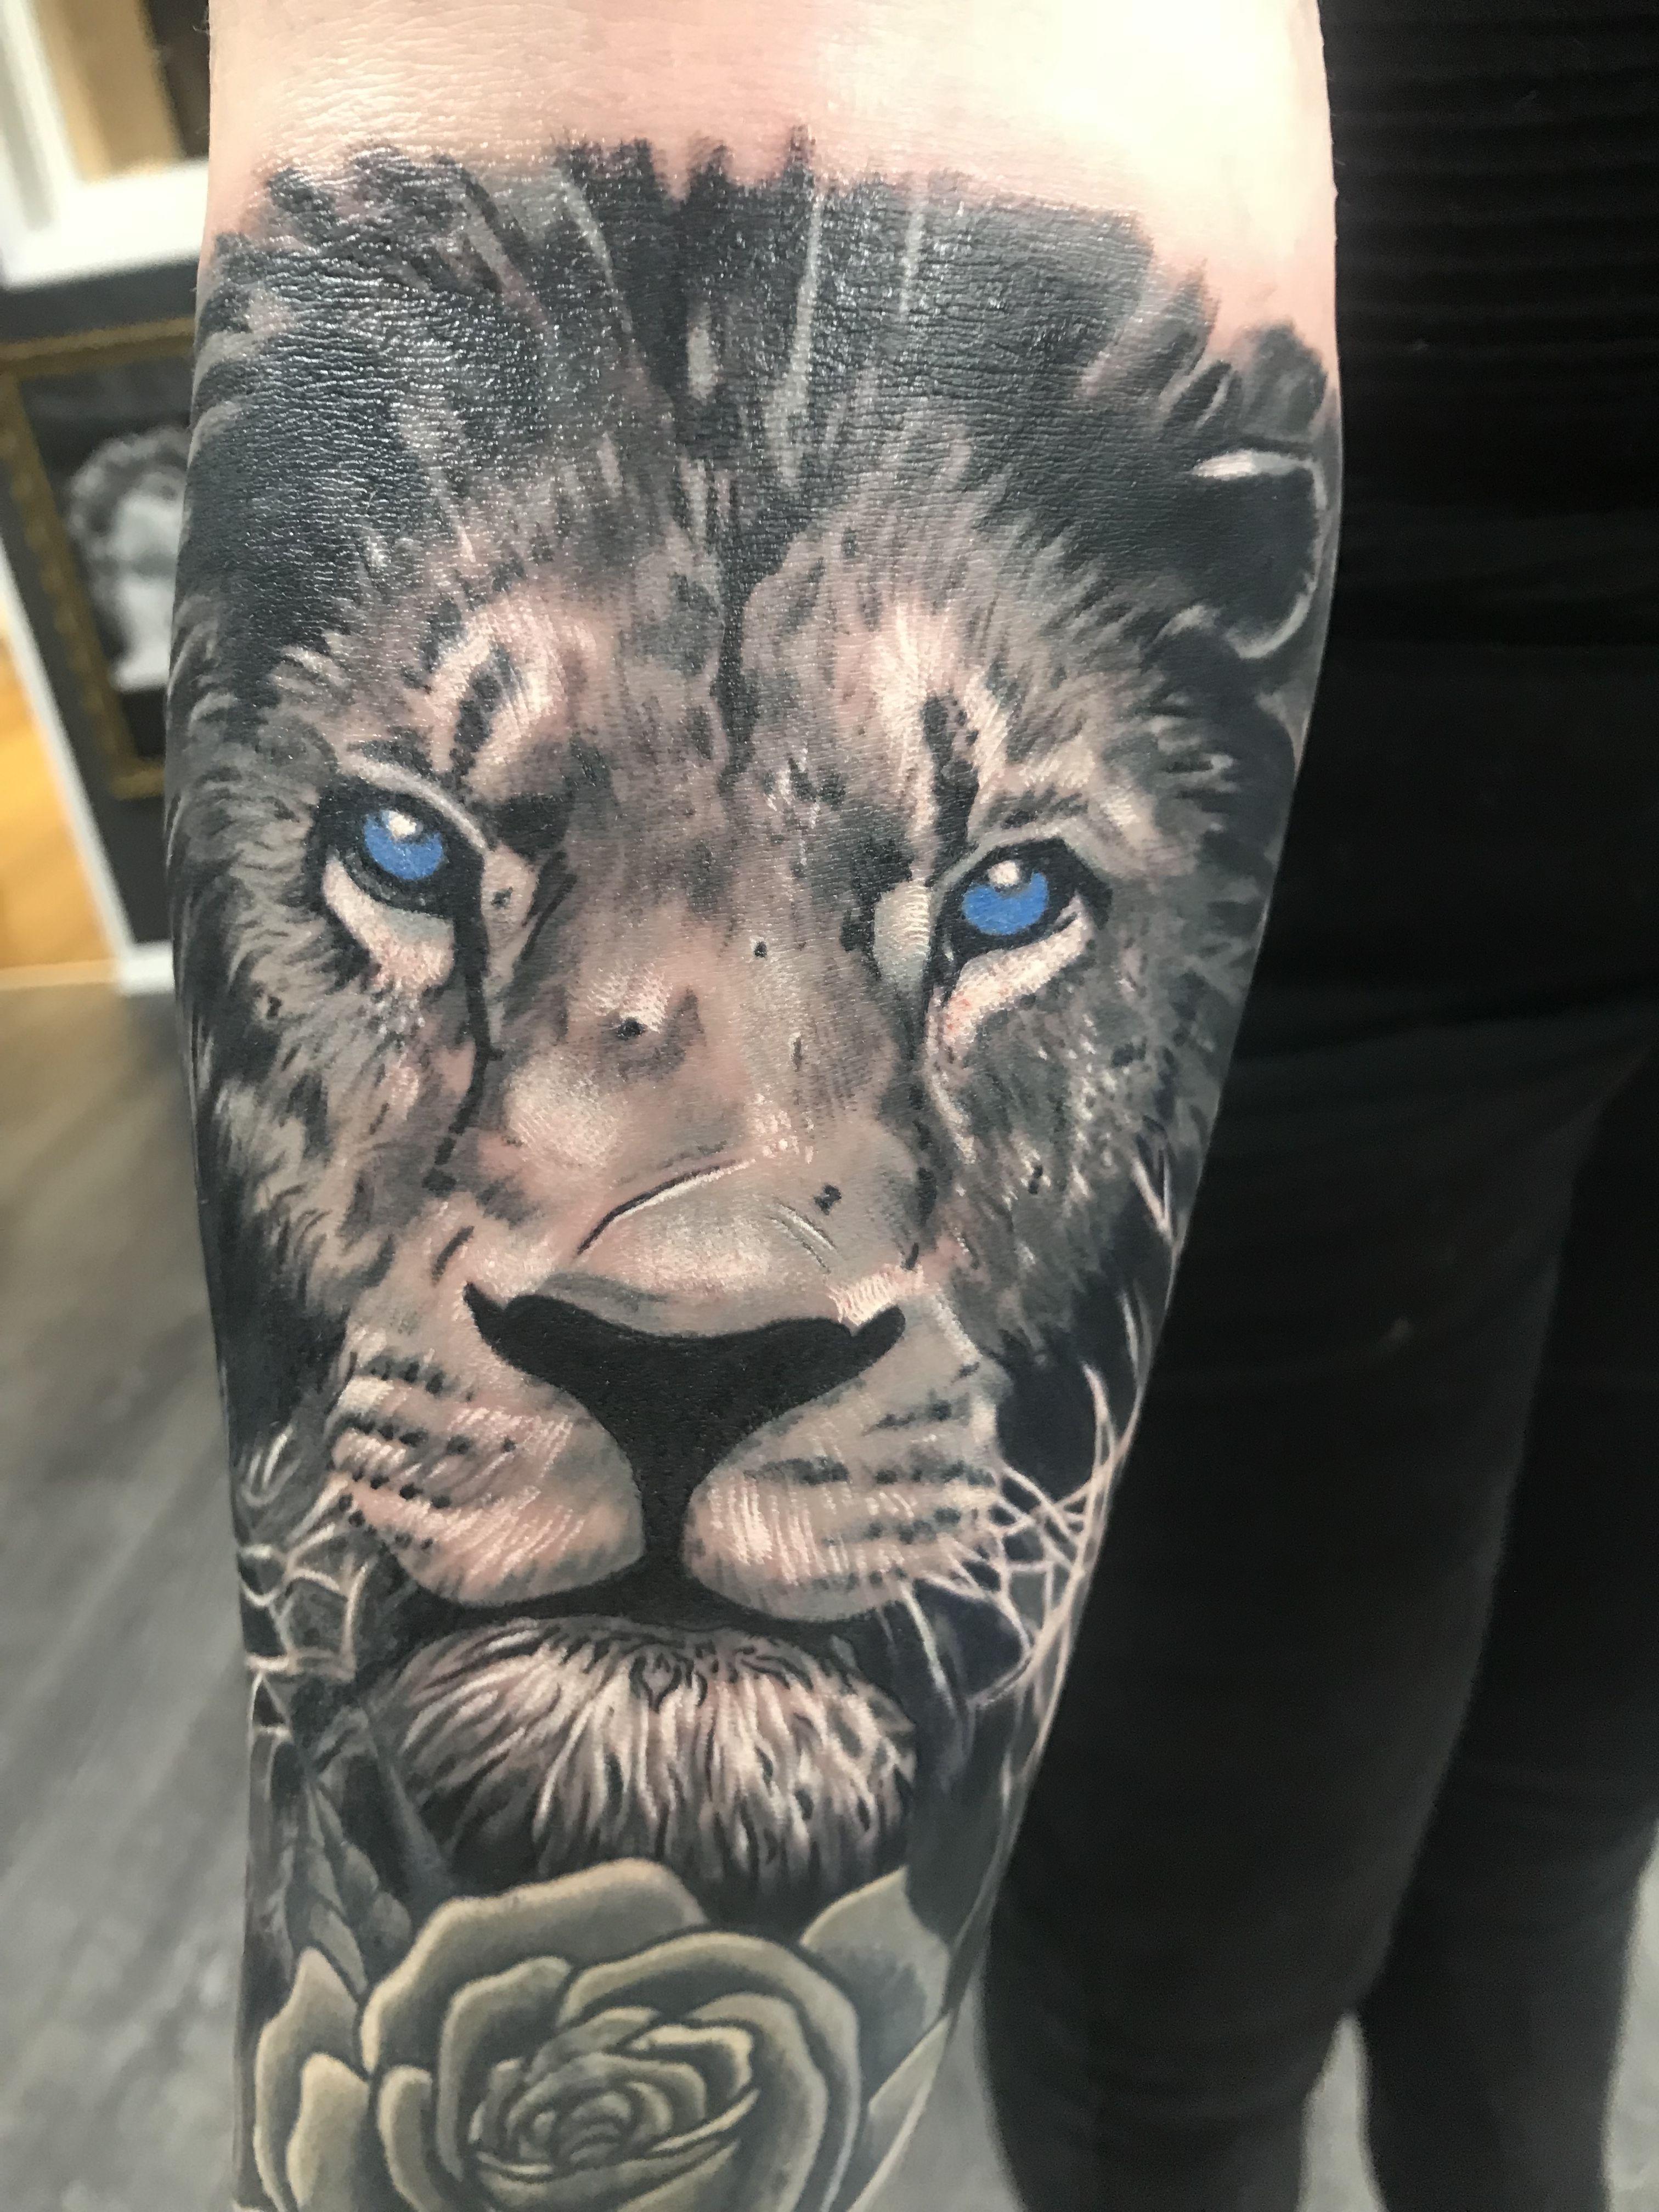 Lion Tattoo Artist Dan Keny Www Holytrinitytattoos Co Uk Holytrinitytattoos Gmail Com Send Us A Message Call Us On 07963606034 Tatuajes